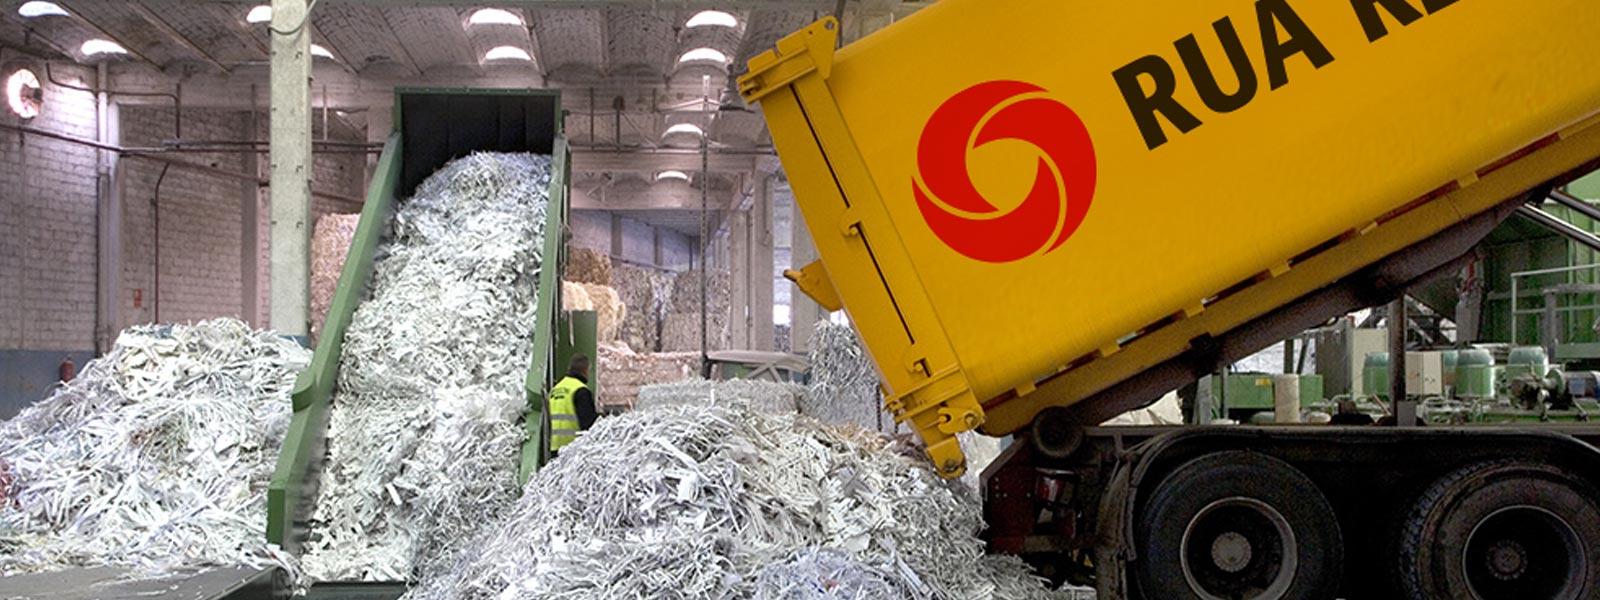 Rua papel instalaciones reciclaje papel slide gestión y valorización de residuos objetivo residuo cero